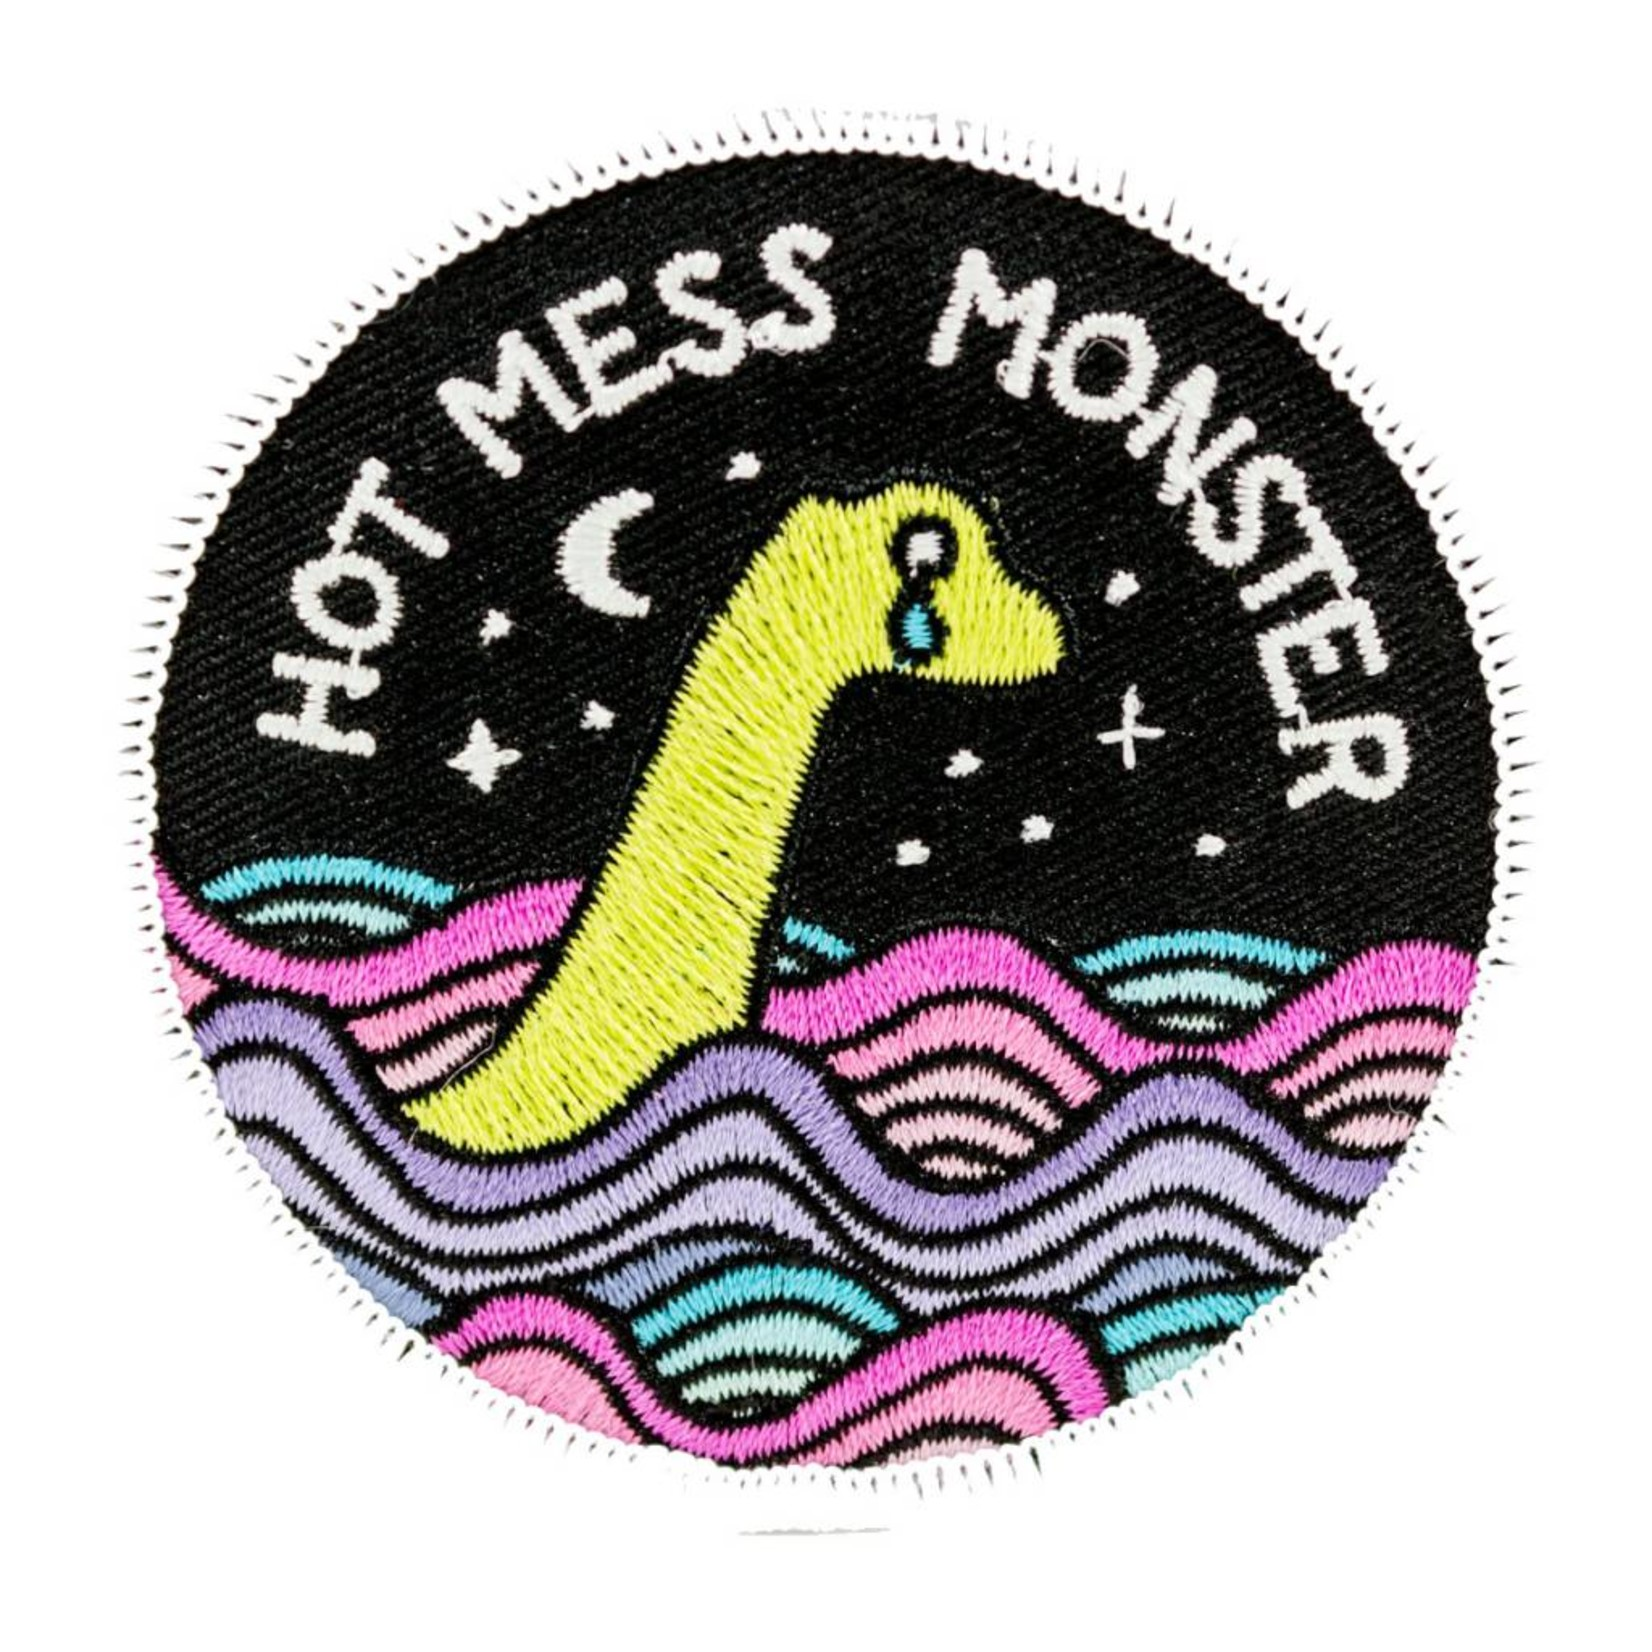 Band of Weirdos / Moss Love Hot Mess Monster Patch